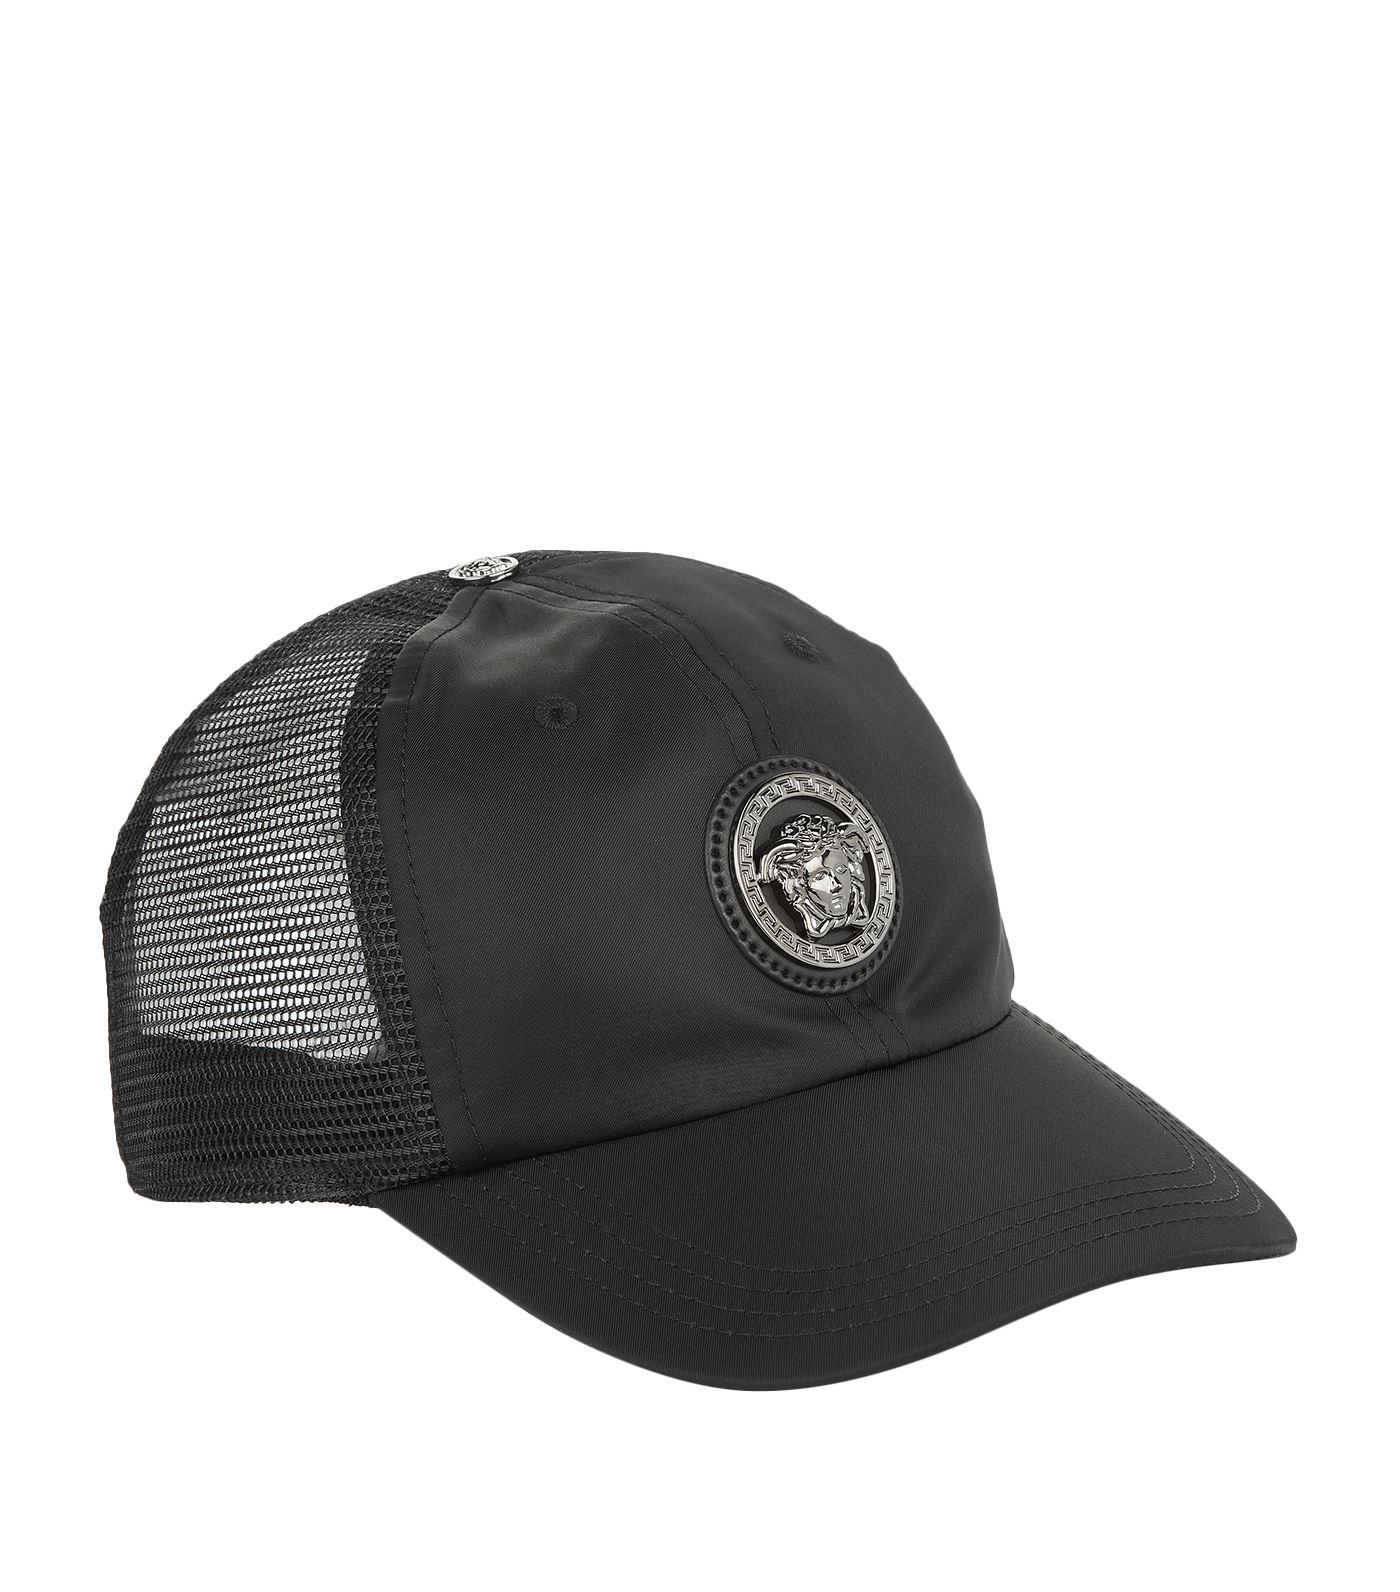 be56a4836d1 Versace Medusa Logo Baseball Cap in Black for Men - Lyst